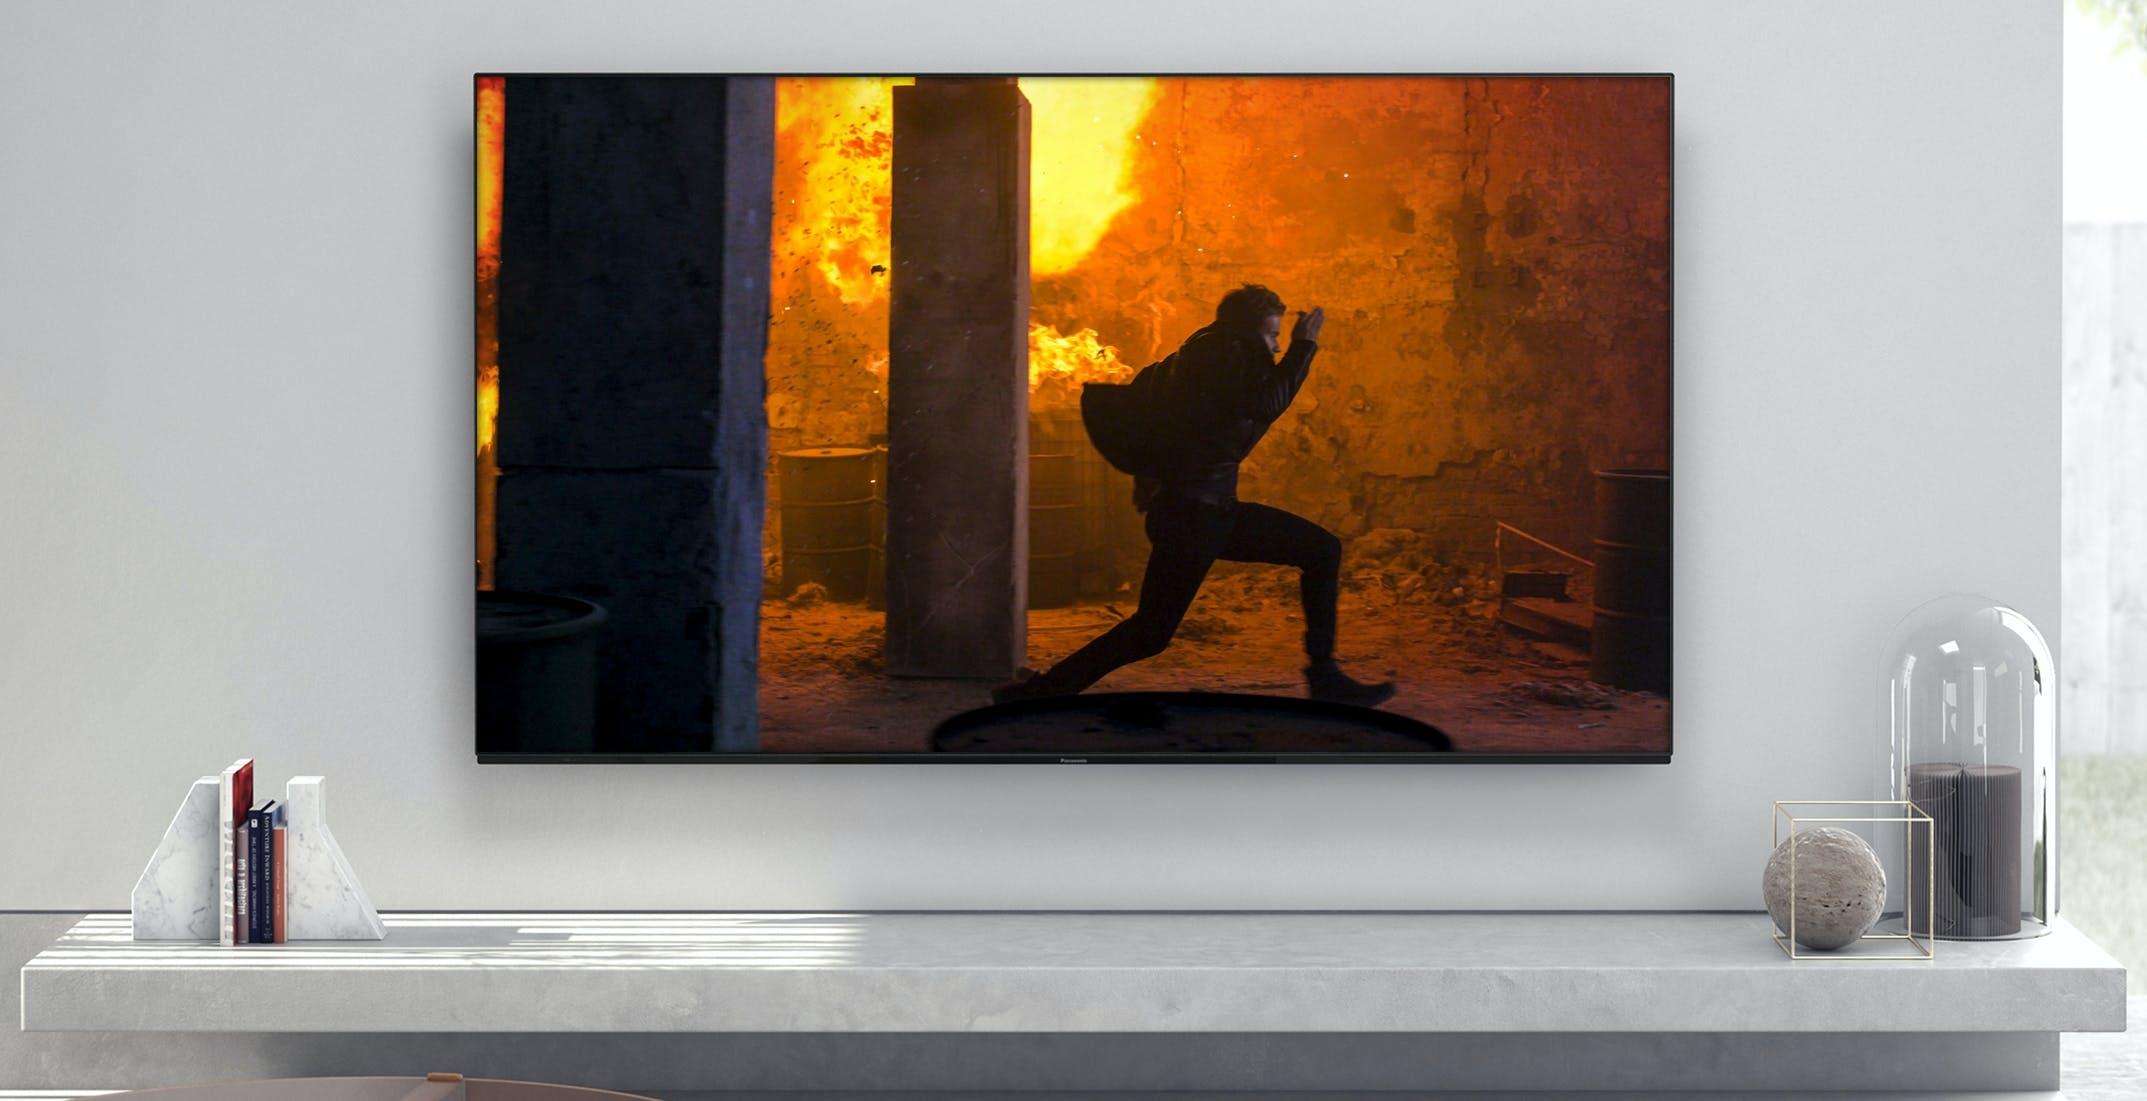 C'è un nuovo OLED entry level di Panasonic, HZ980 e costa meno di 2000 euro